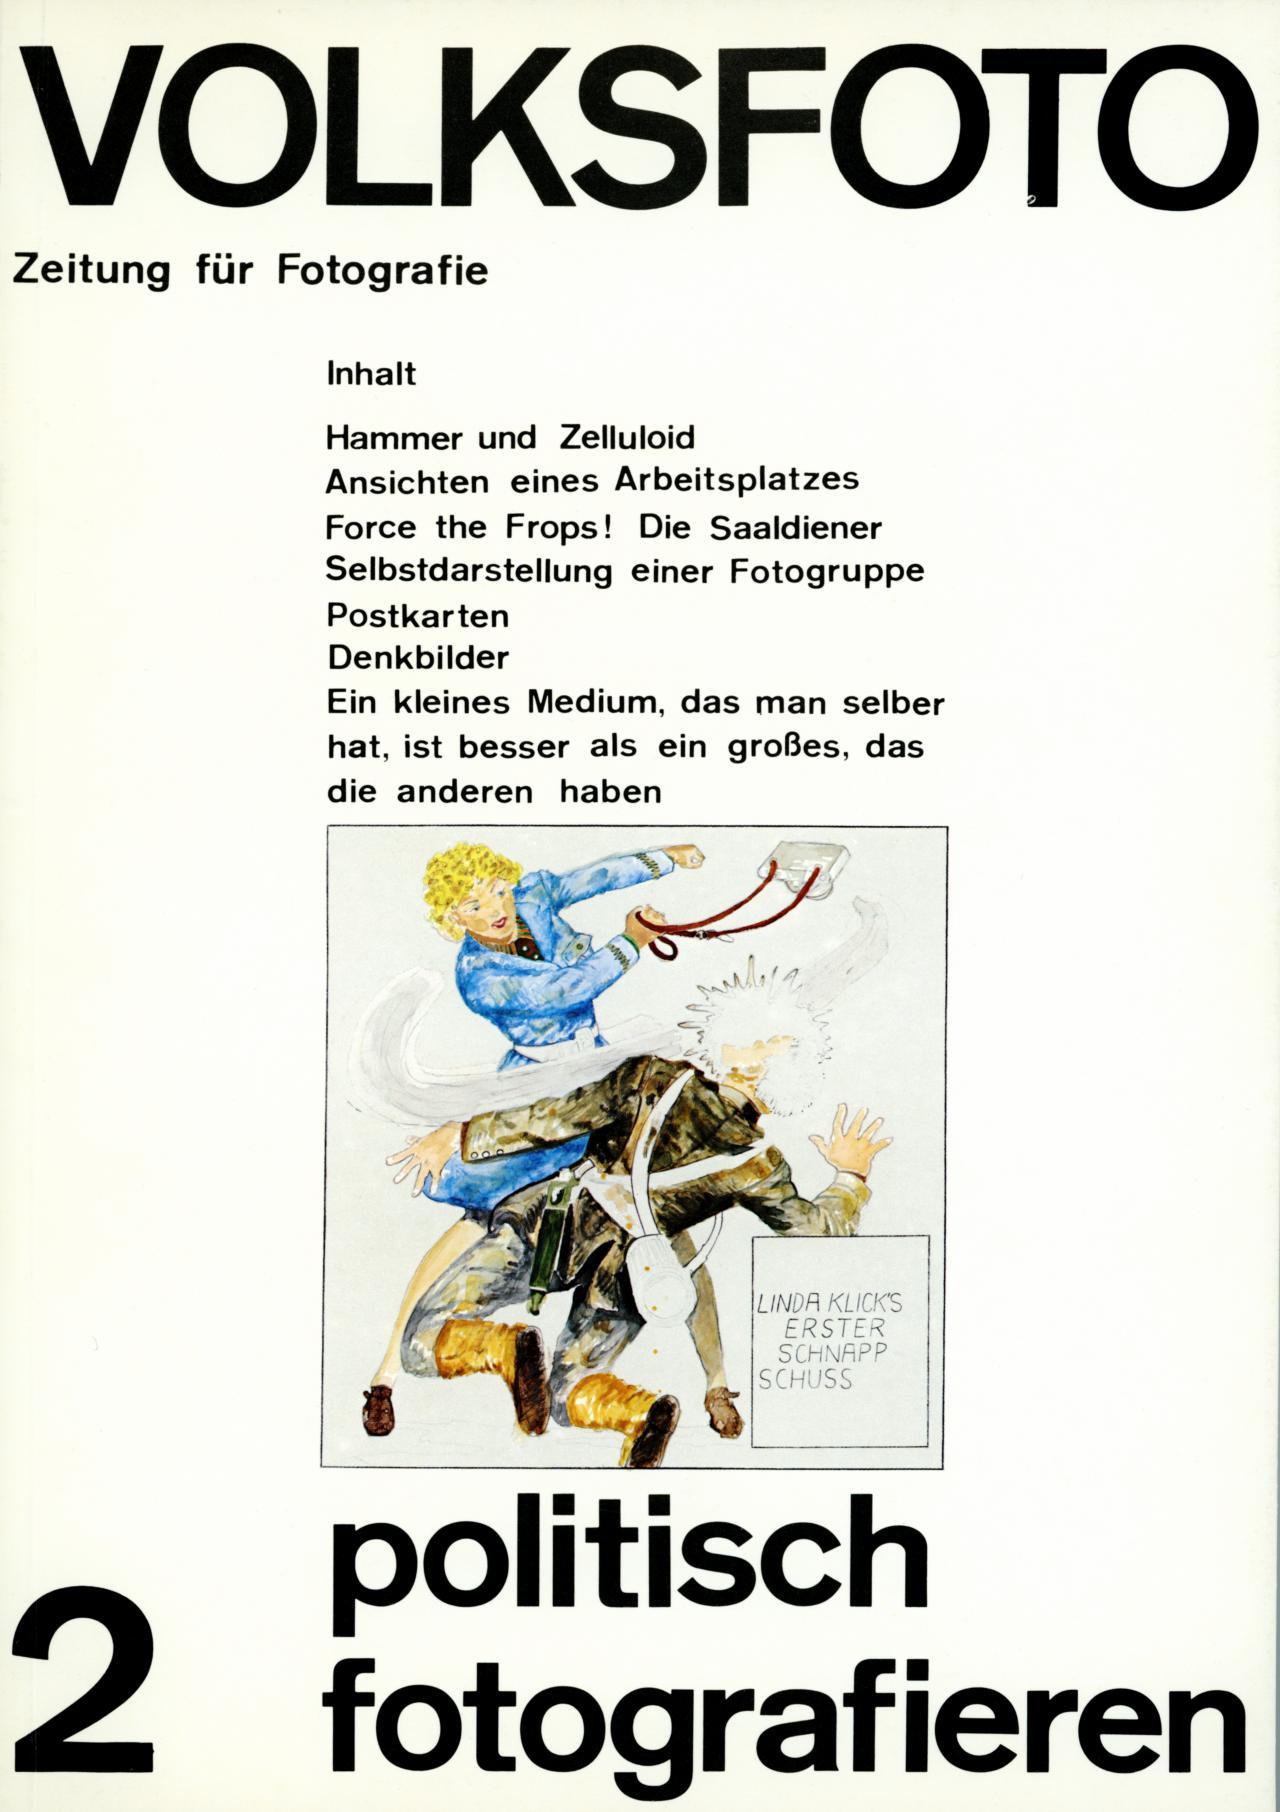 Andreas  Seltzer und Dieter Hacker (Hg.), Volksfoto. Zeitung für Fotografie. Politisch fotografieren, Nr. 2, 7. Produzentengalerie, Berlin, 1977.